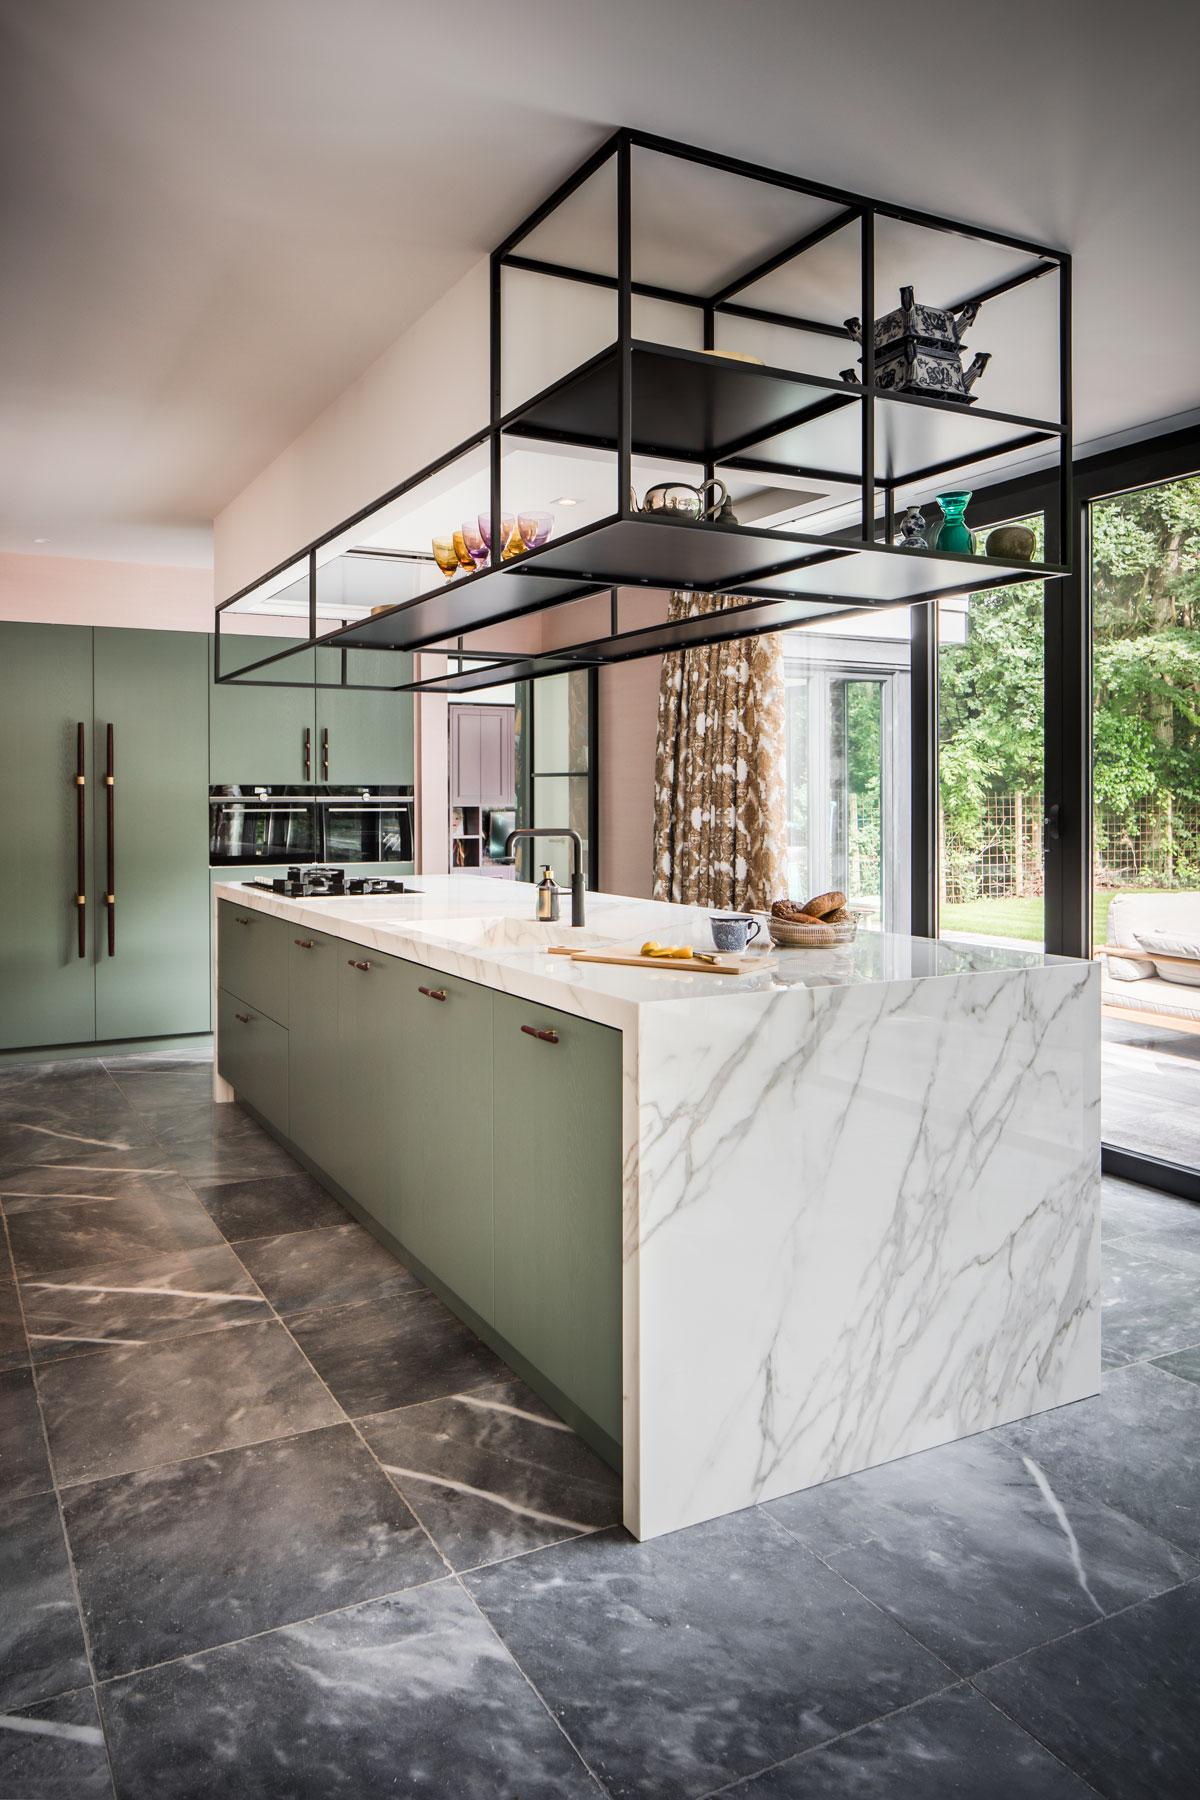 keukeninspiratie, Neolith, keramische tegels, natuursteen